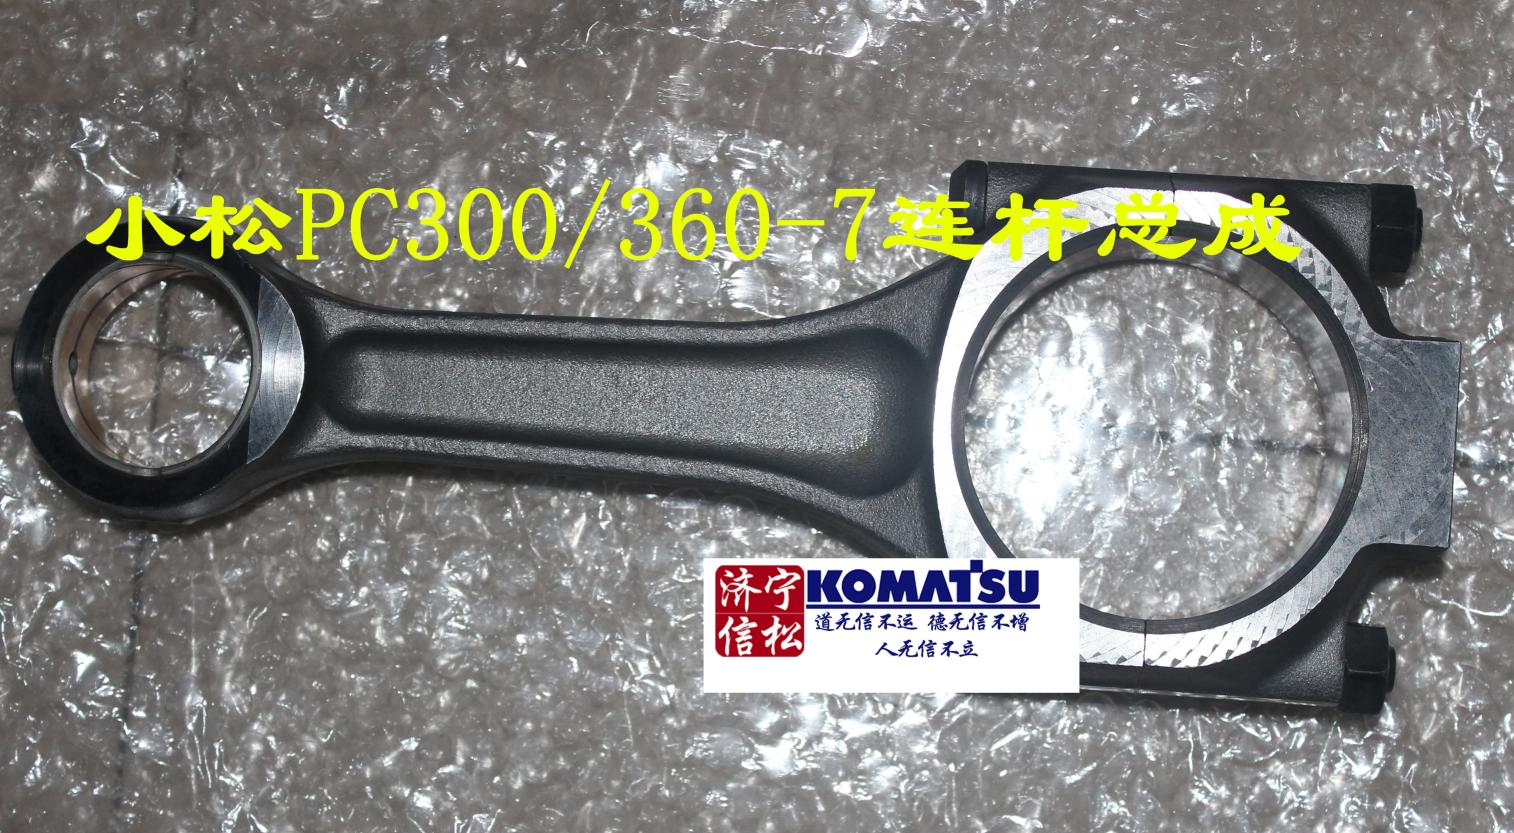 小松 PC300/360-7 发动机连杆